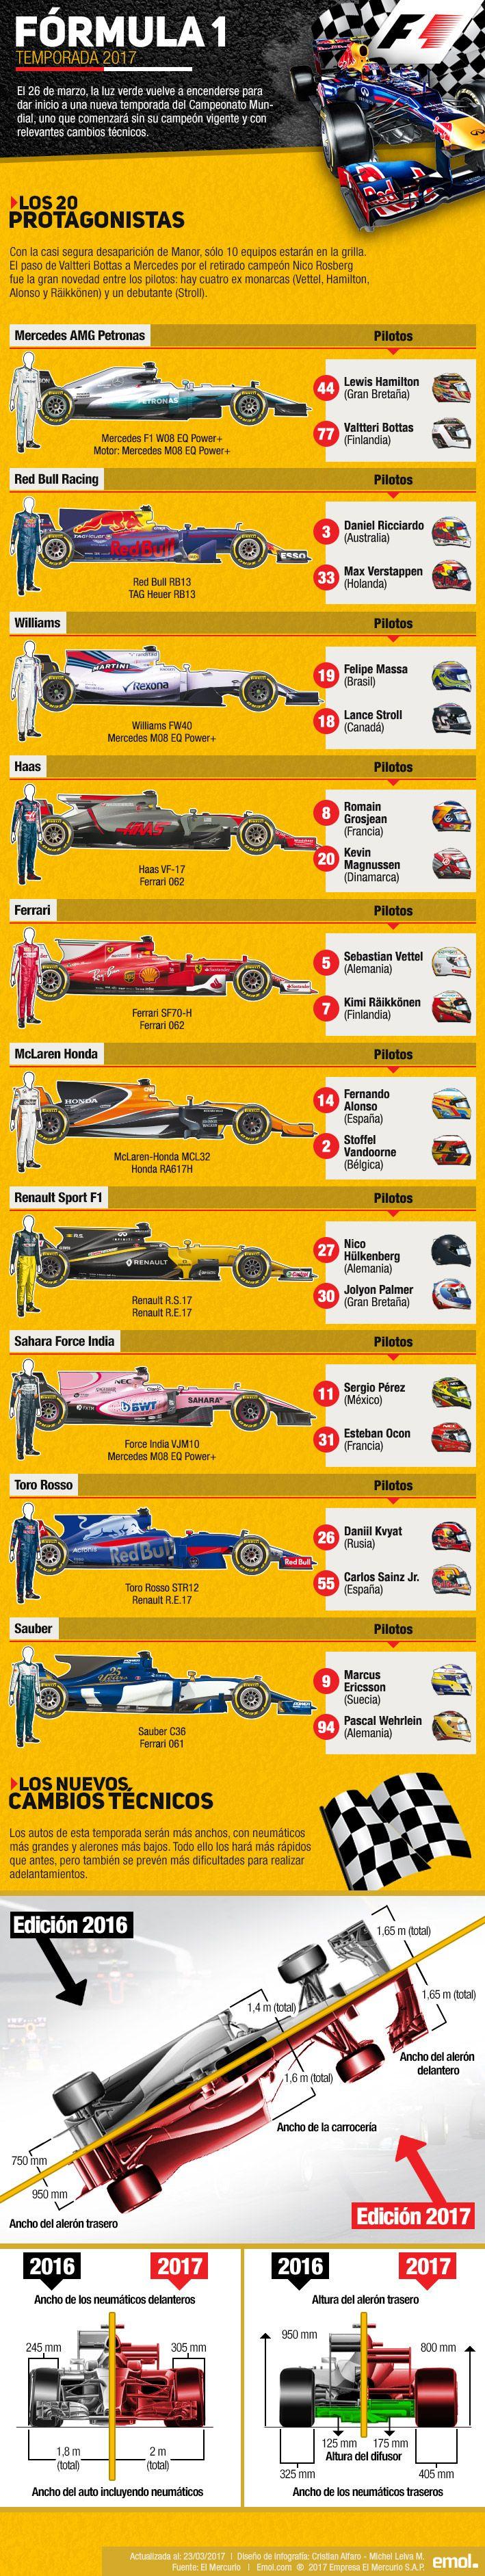 Infografía: Conoce los equipos para la nueva temporada de la Fórmula Uno y qué cambios técnicos se aplicarán | Emol.com